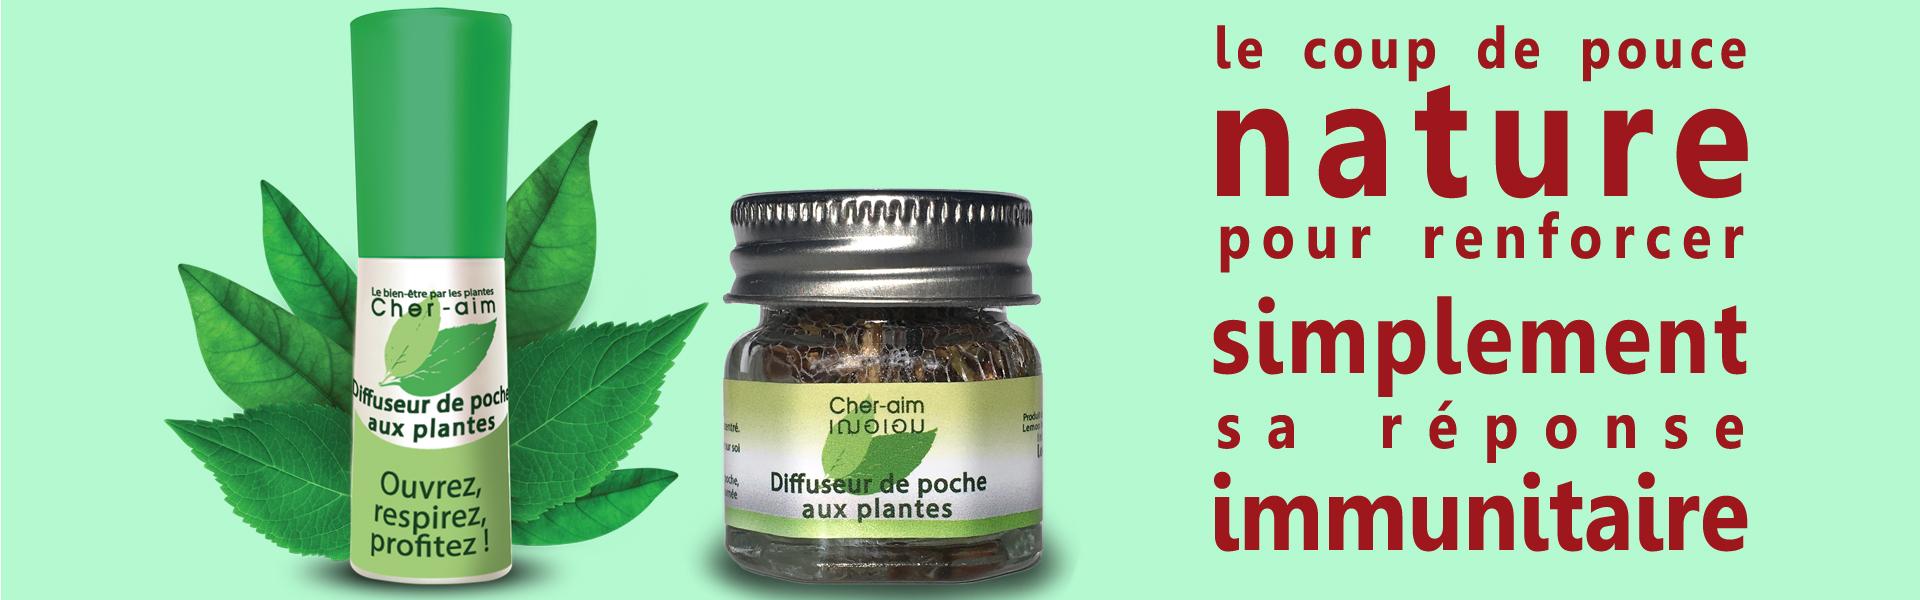 Le diffuseur de poche aux plantes : le coup de pouce nature pour renforcer simplement sa réponse immunitaire.